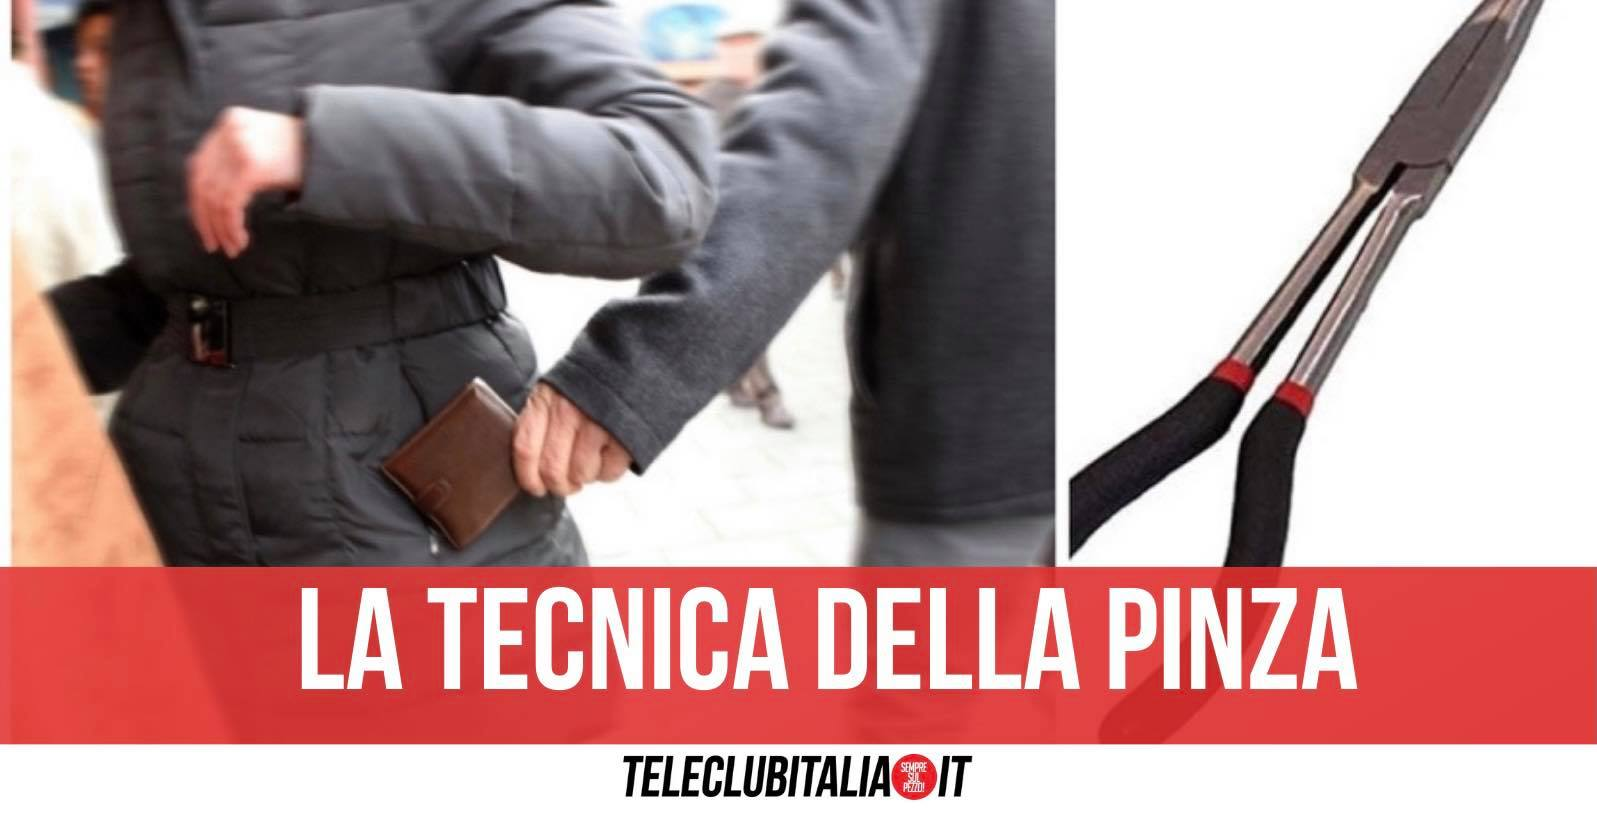 borseggiatori tecnica pinza